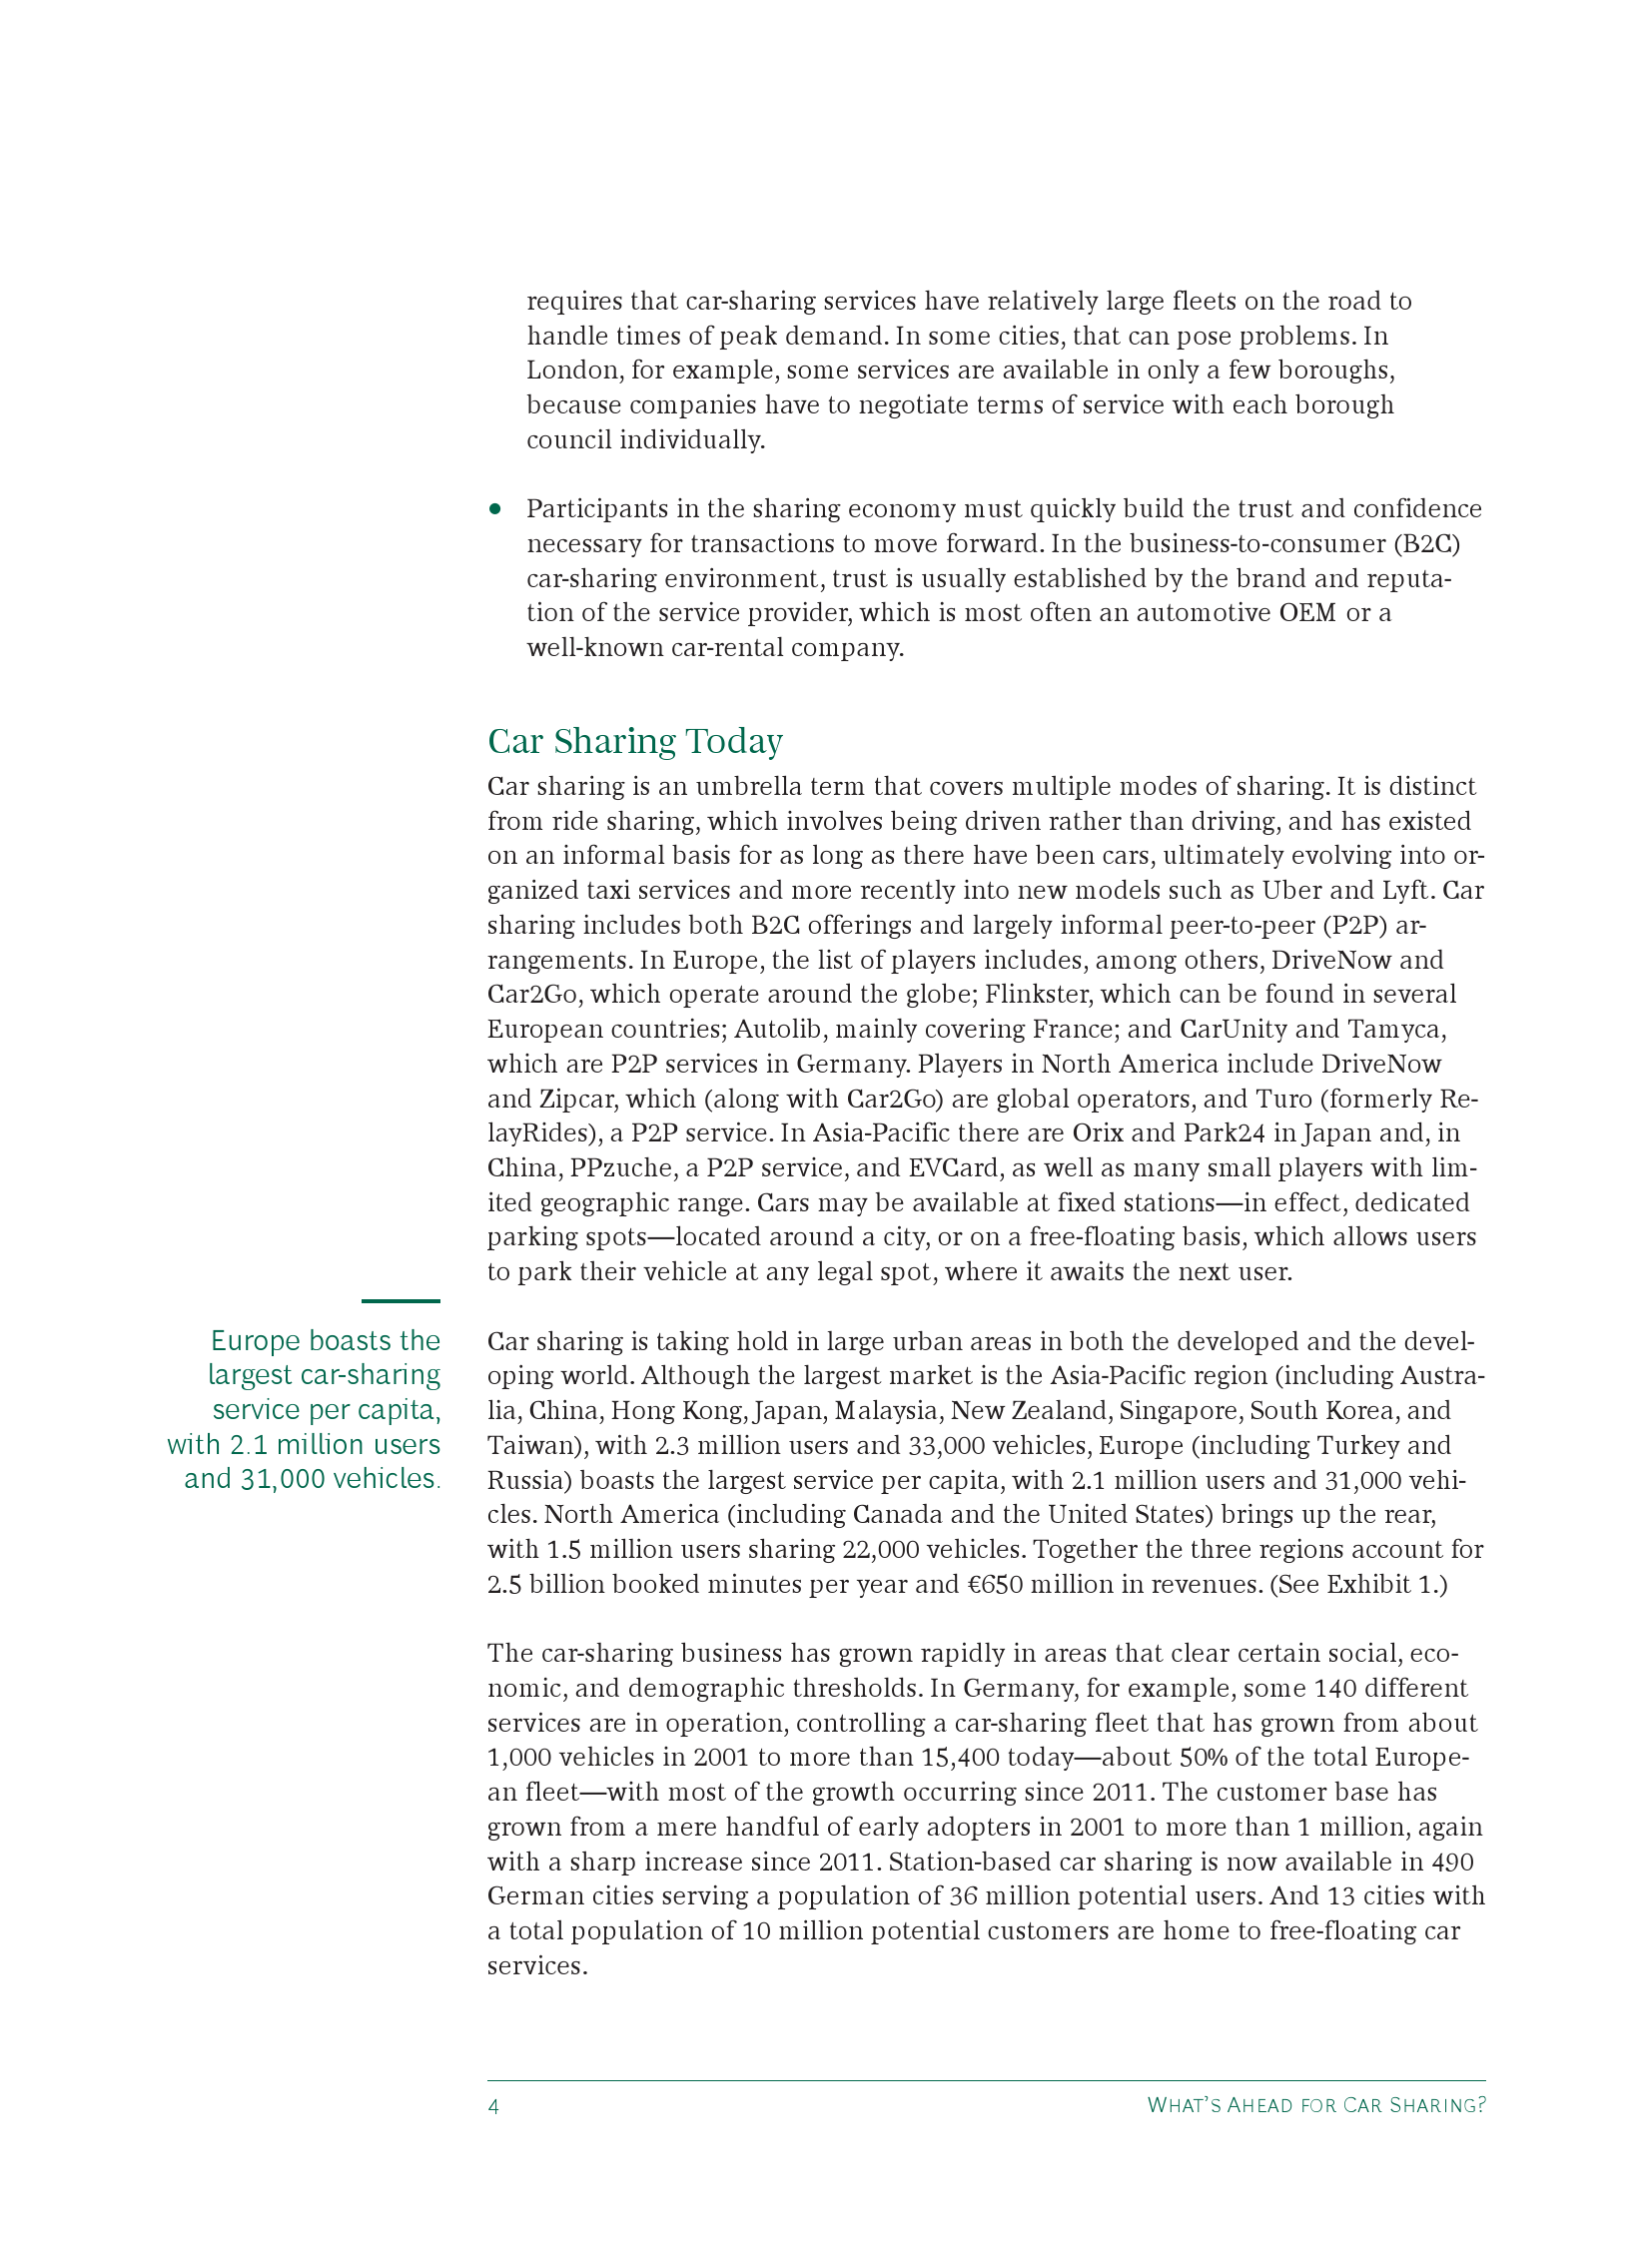 汽车共享新前景:新型出行方式对汽车销量的影响_000006